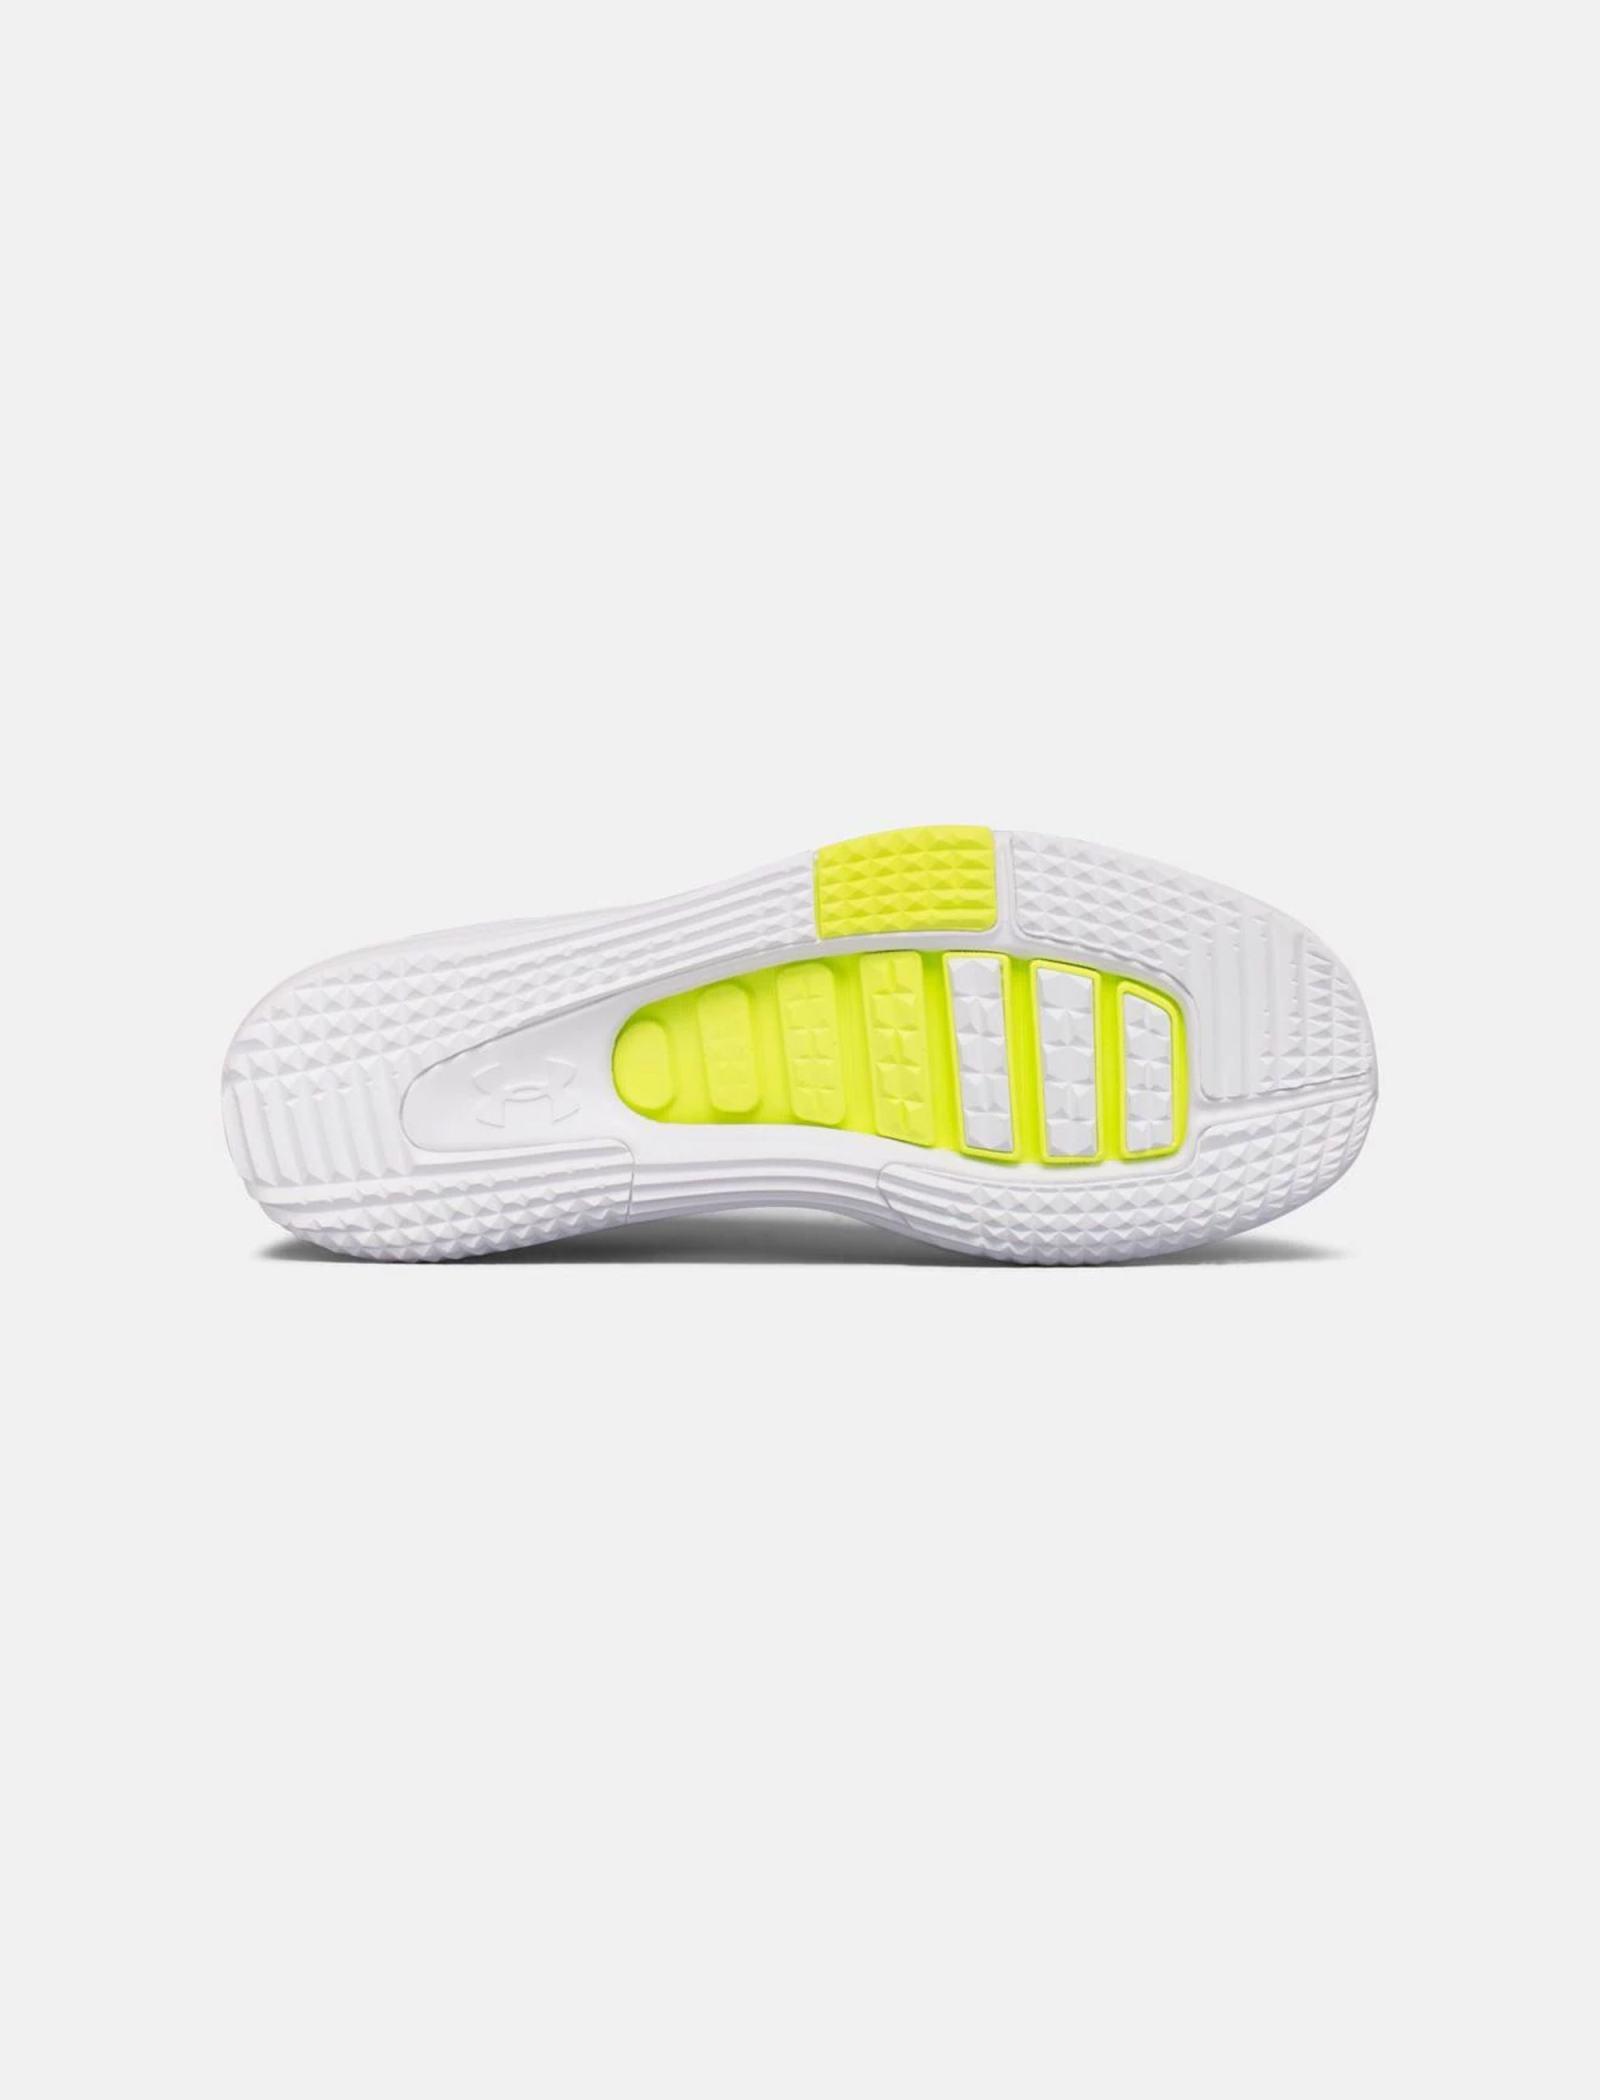 کفش تمرین بندی مردانه SpeedForm AMP 2 - آندر آرمور - طوسي - 3